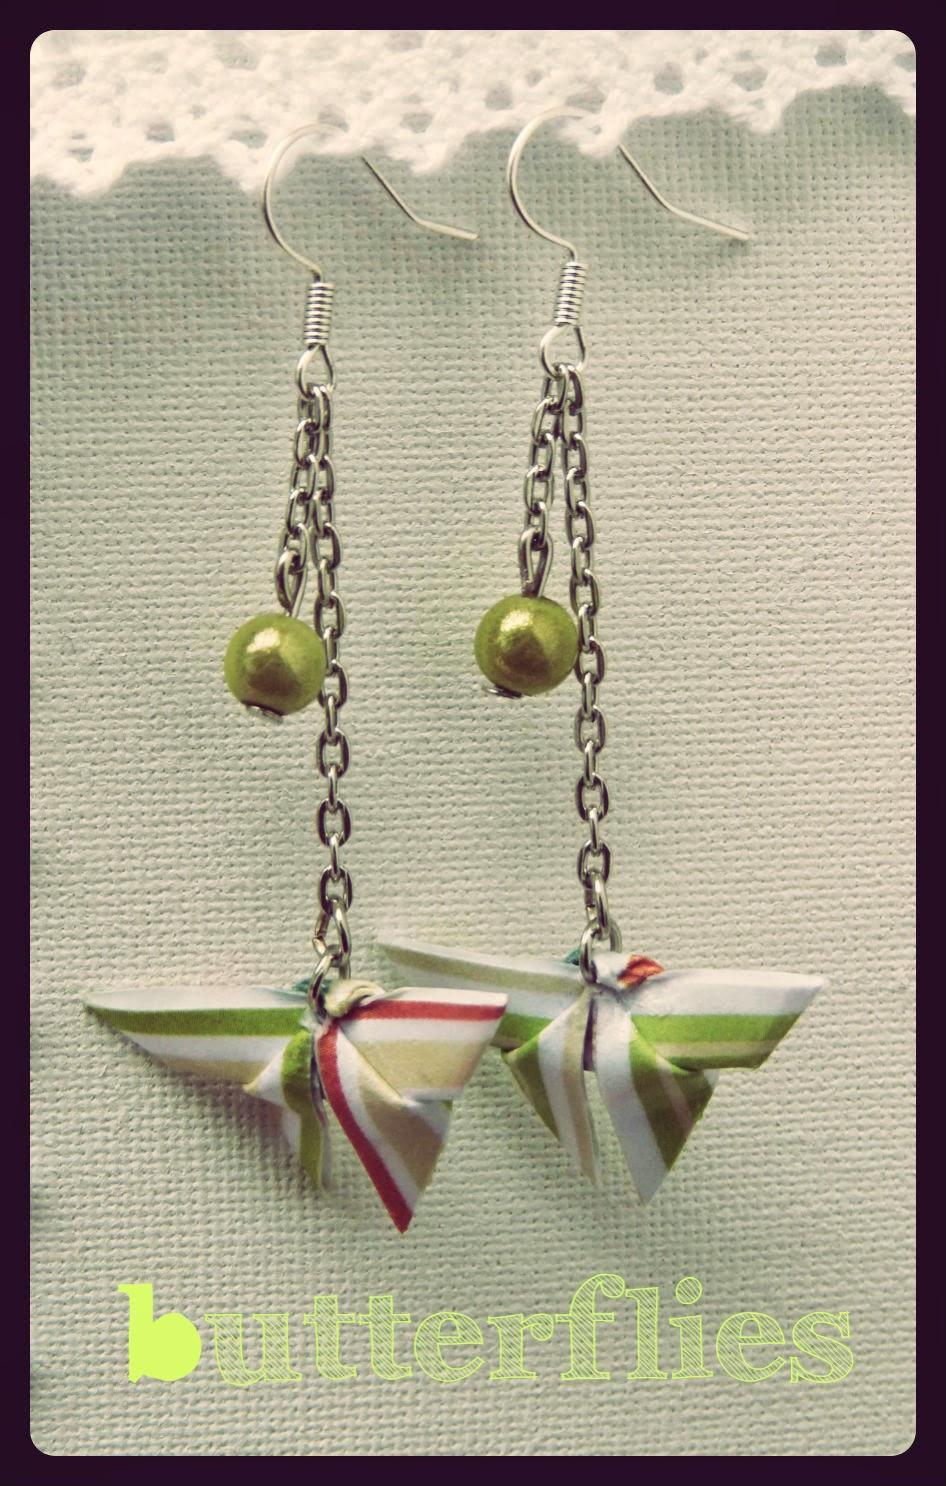 http://www.alittlemarket.com/boucles-d-oreille/fr_boucles_d_oreilles_origami_theme_butterflies_papillons_en_papier_et_petites_perles_-8215131.html